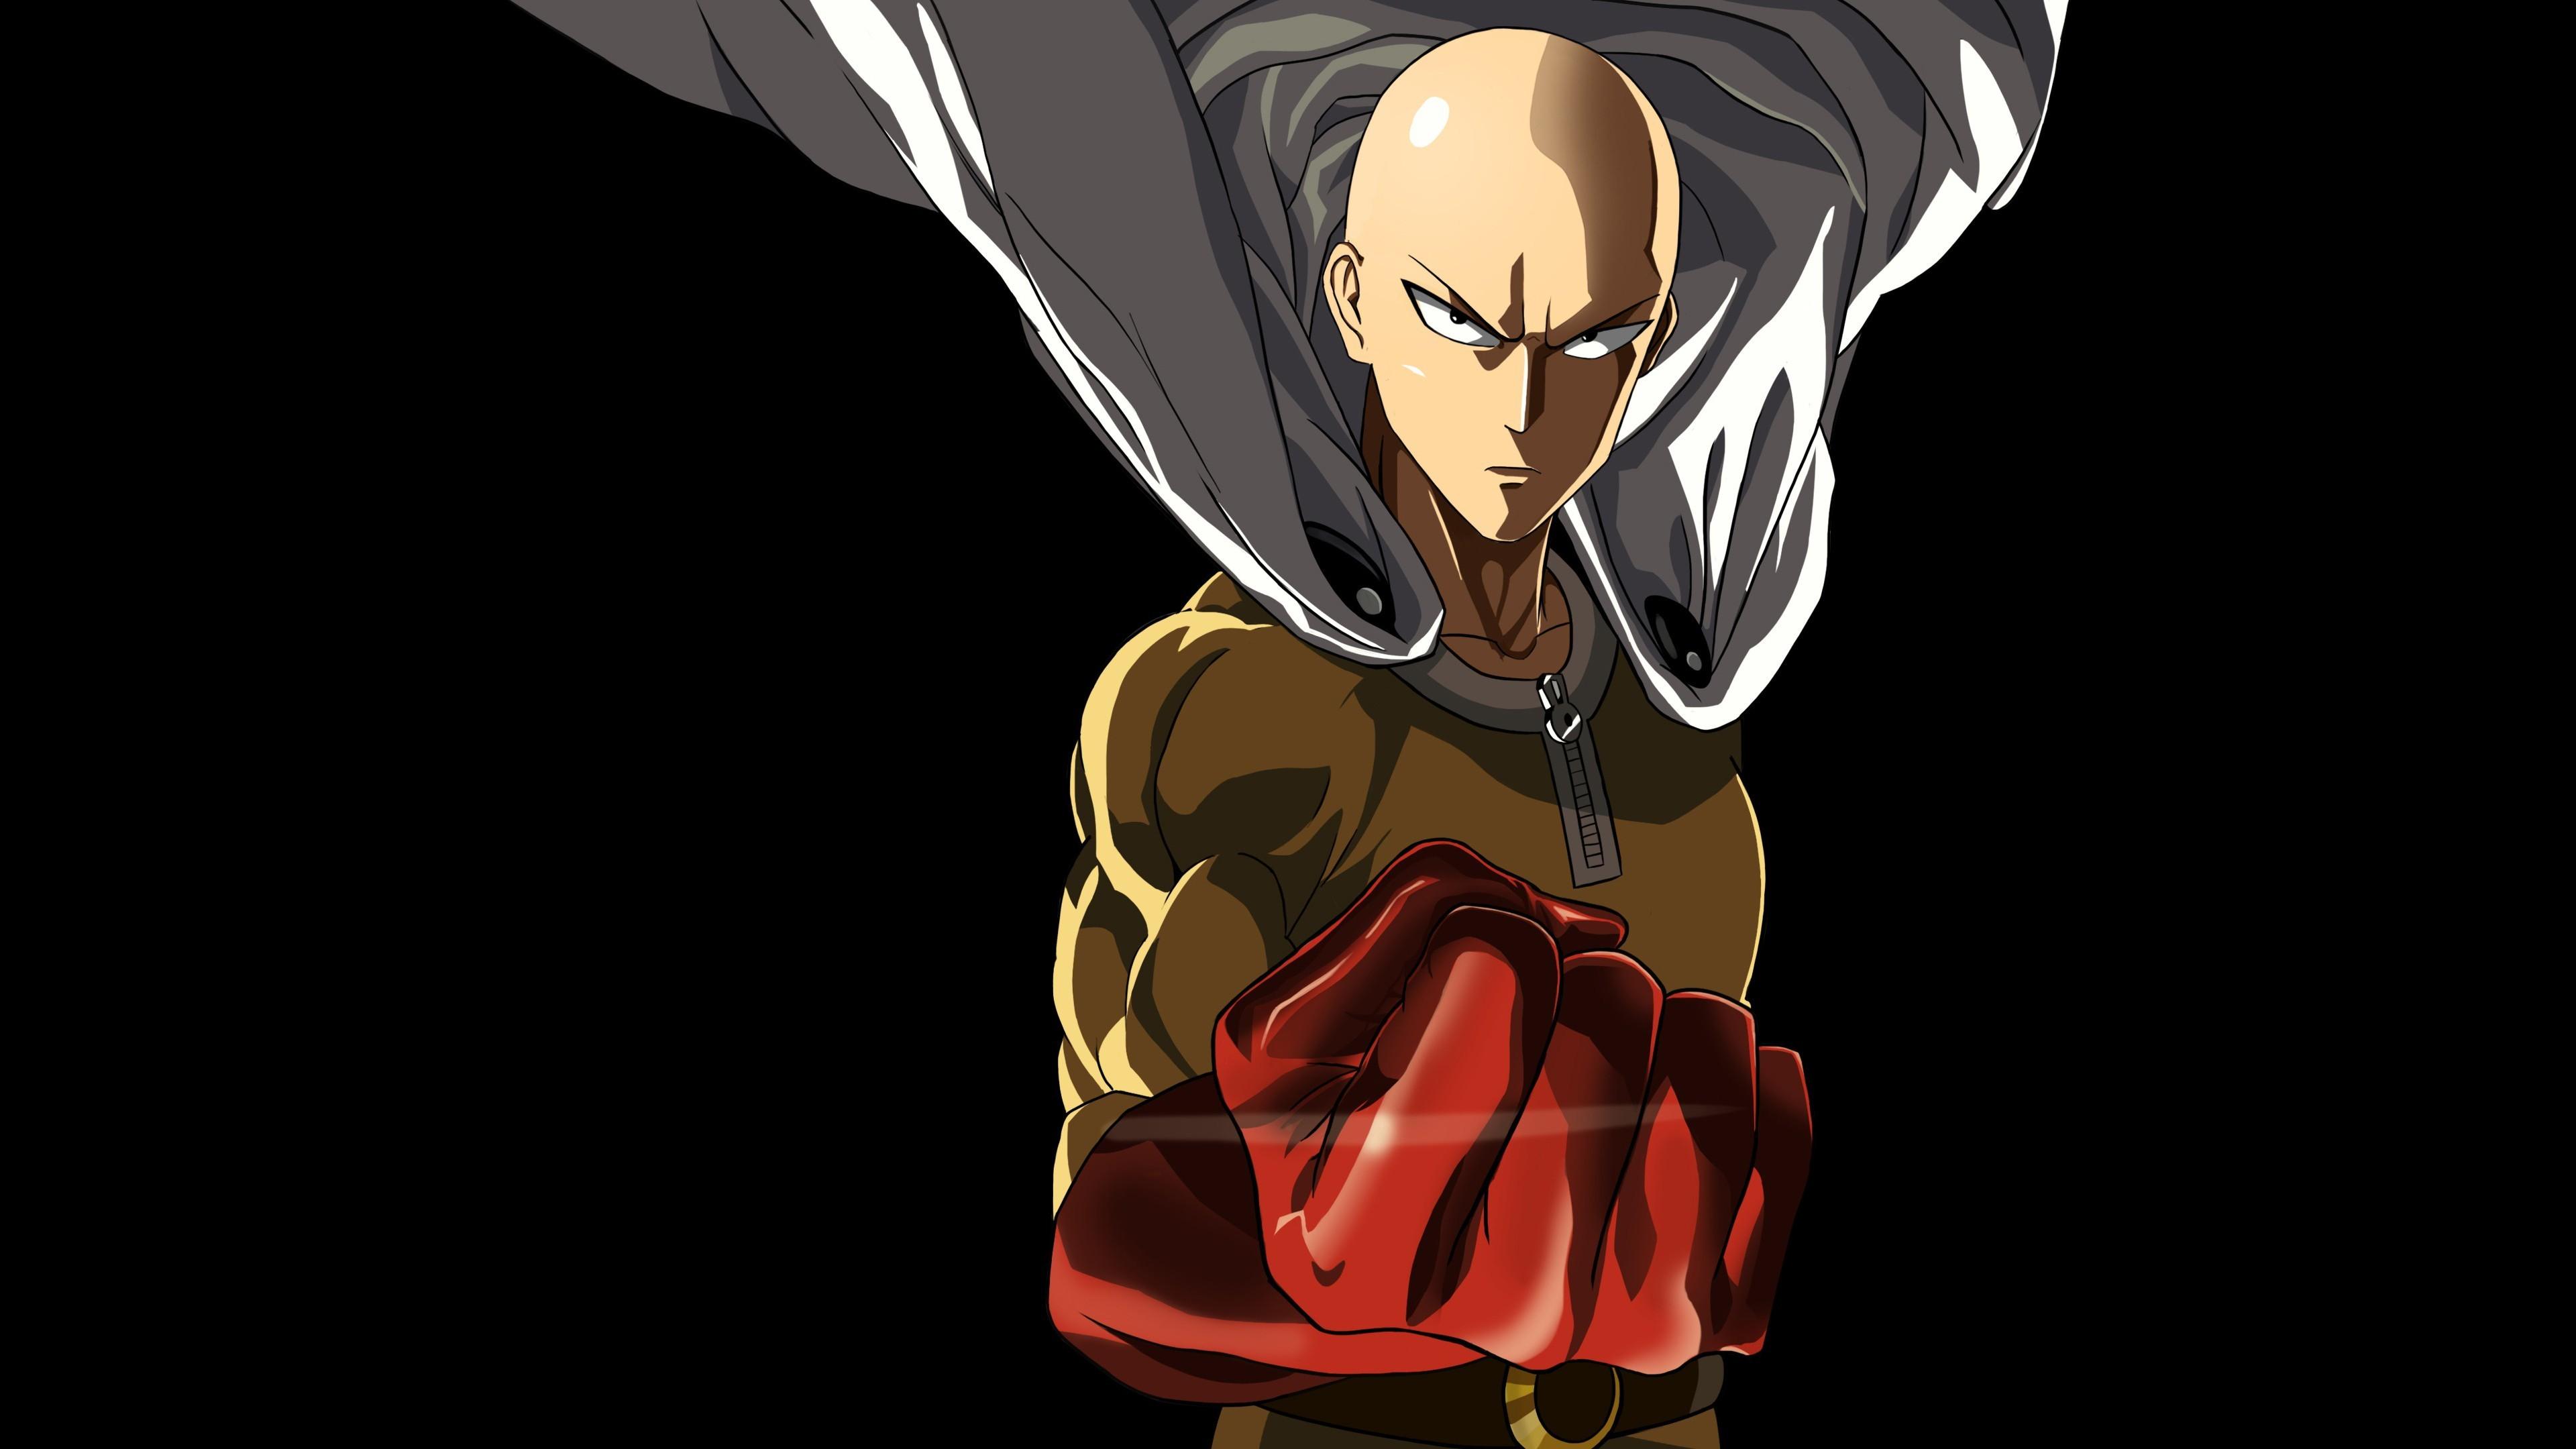 Fond d'écran : illustration, Anime, dessin animé, Saitama, One Punch Man, capture d'écran ...